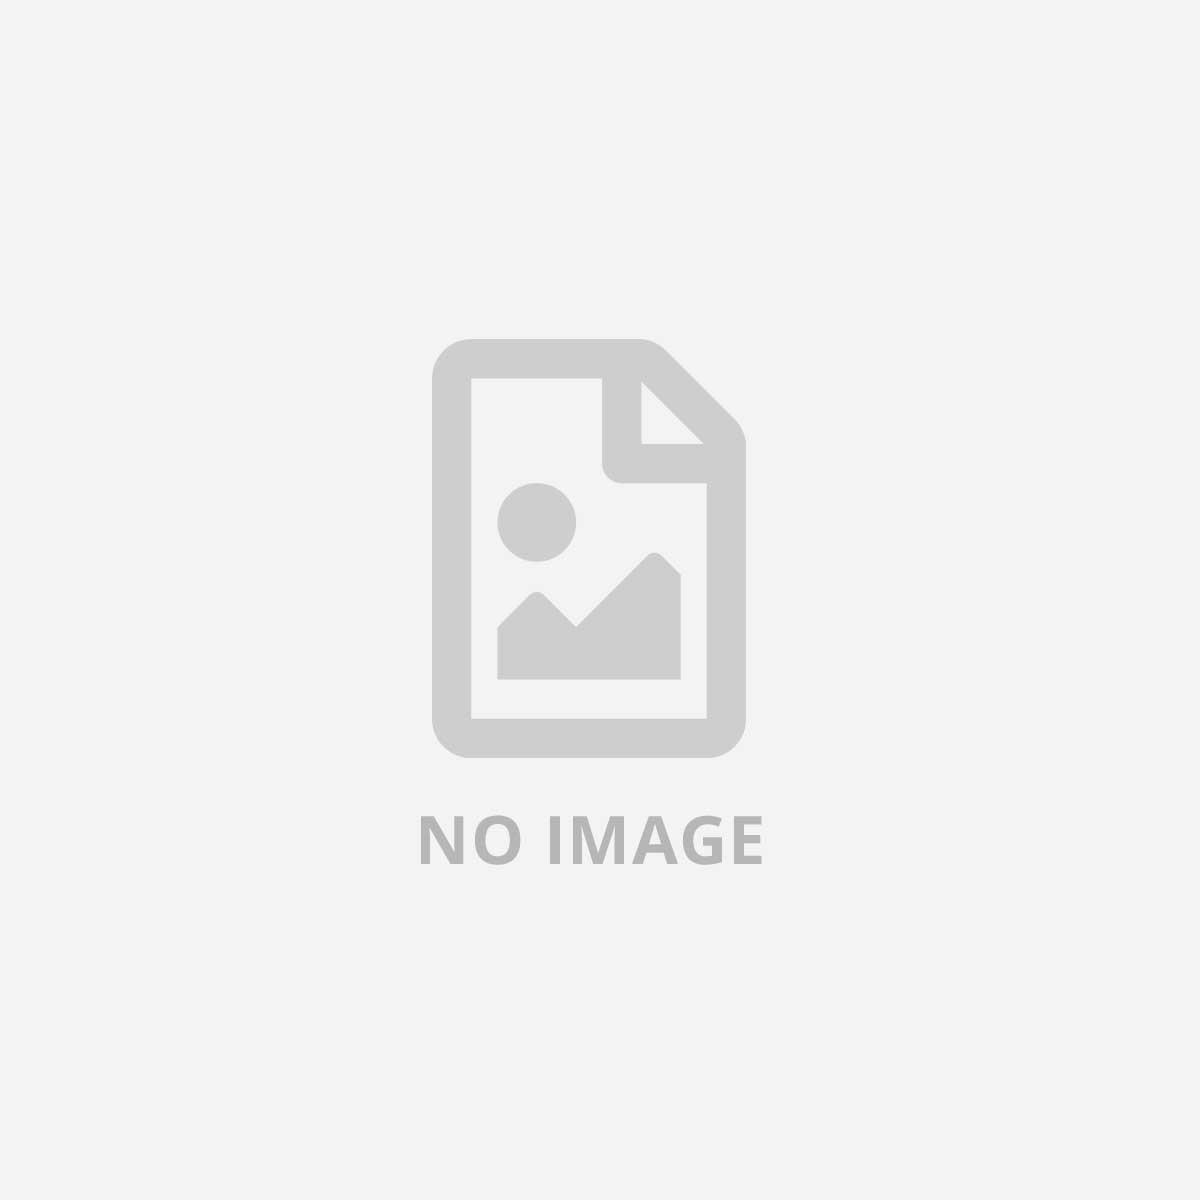 AMD RYZEN 3 1200 3.4GHZ 4 CORE 65W